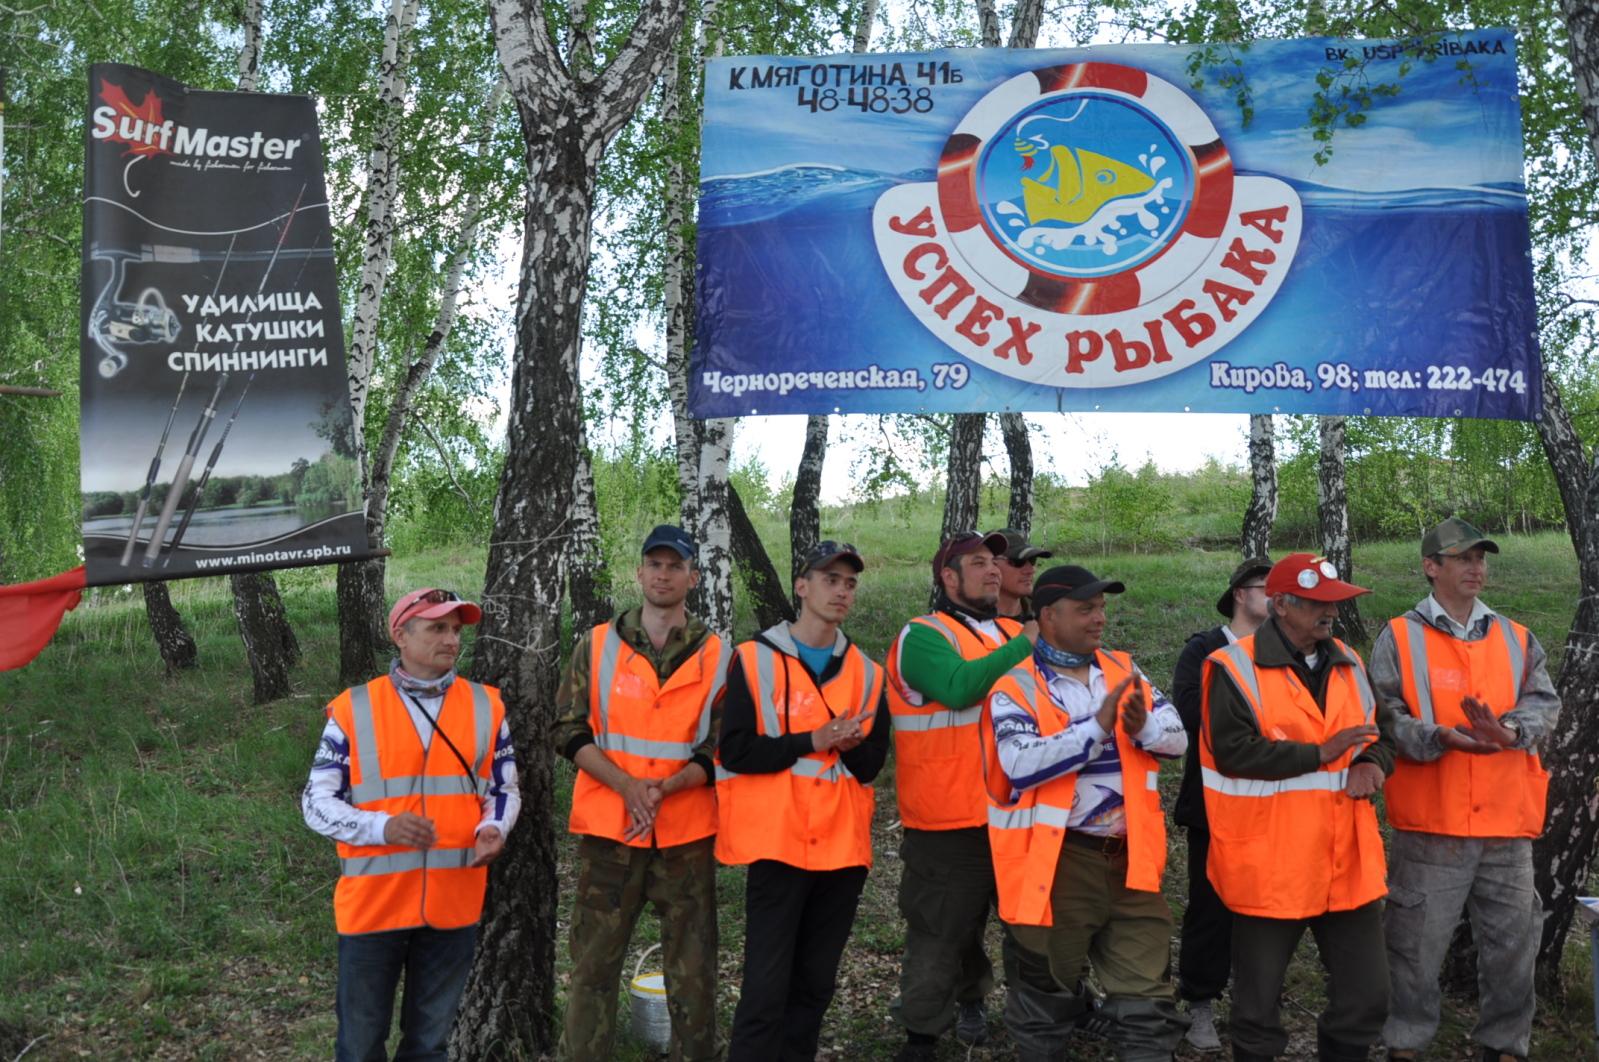 Кубок Курганской области по ловле спиннингом с берега - Страница 3 3539jxv